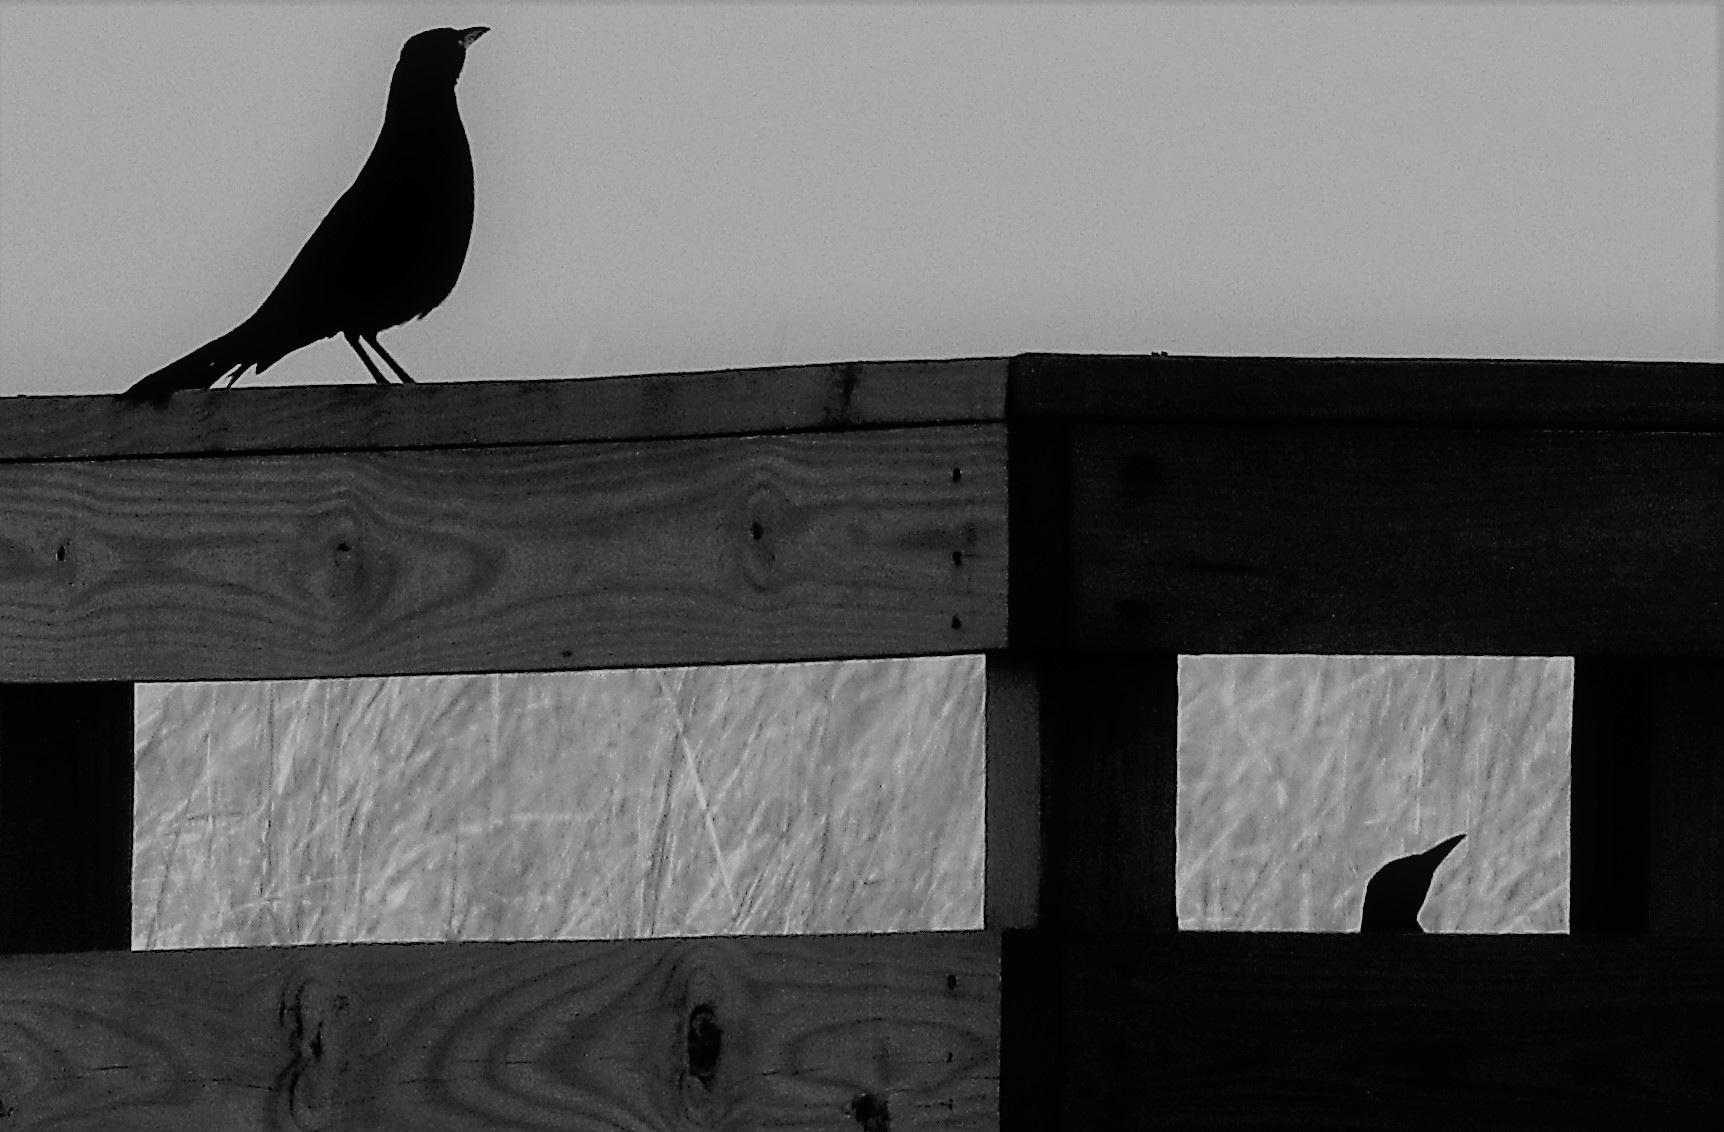 Birds by Susan Harrison